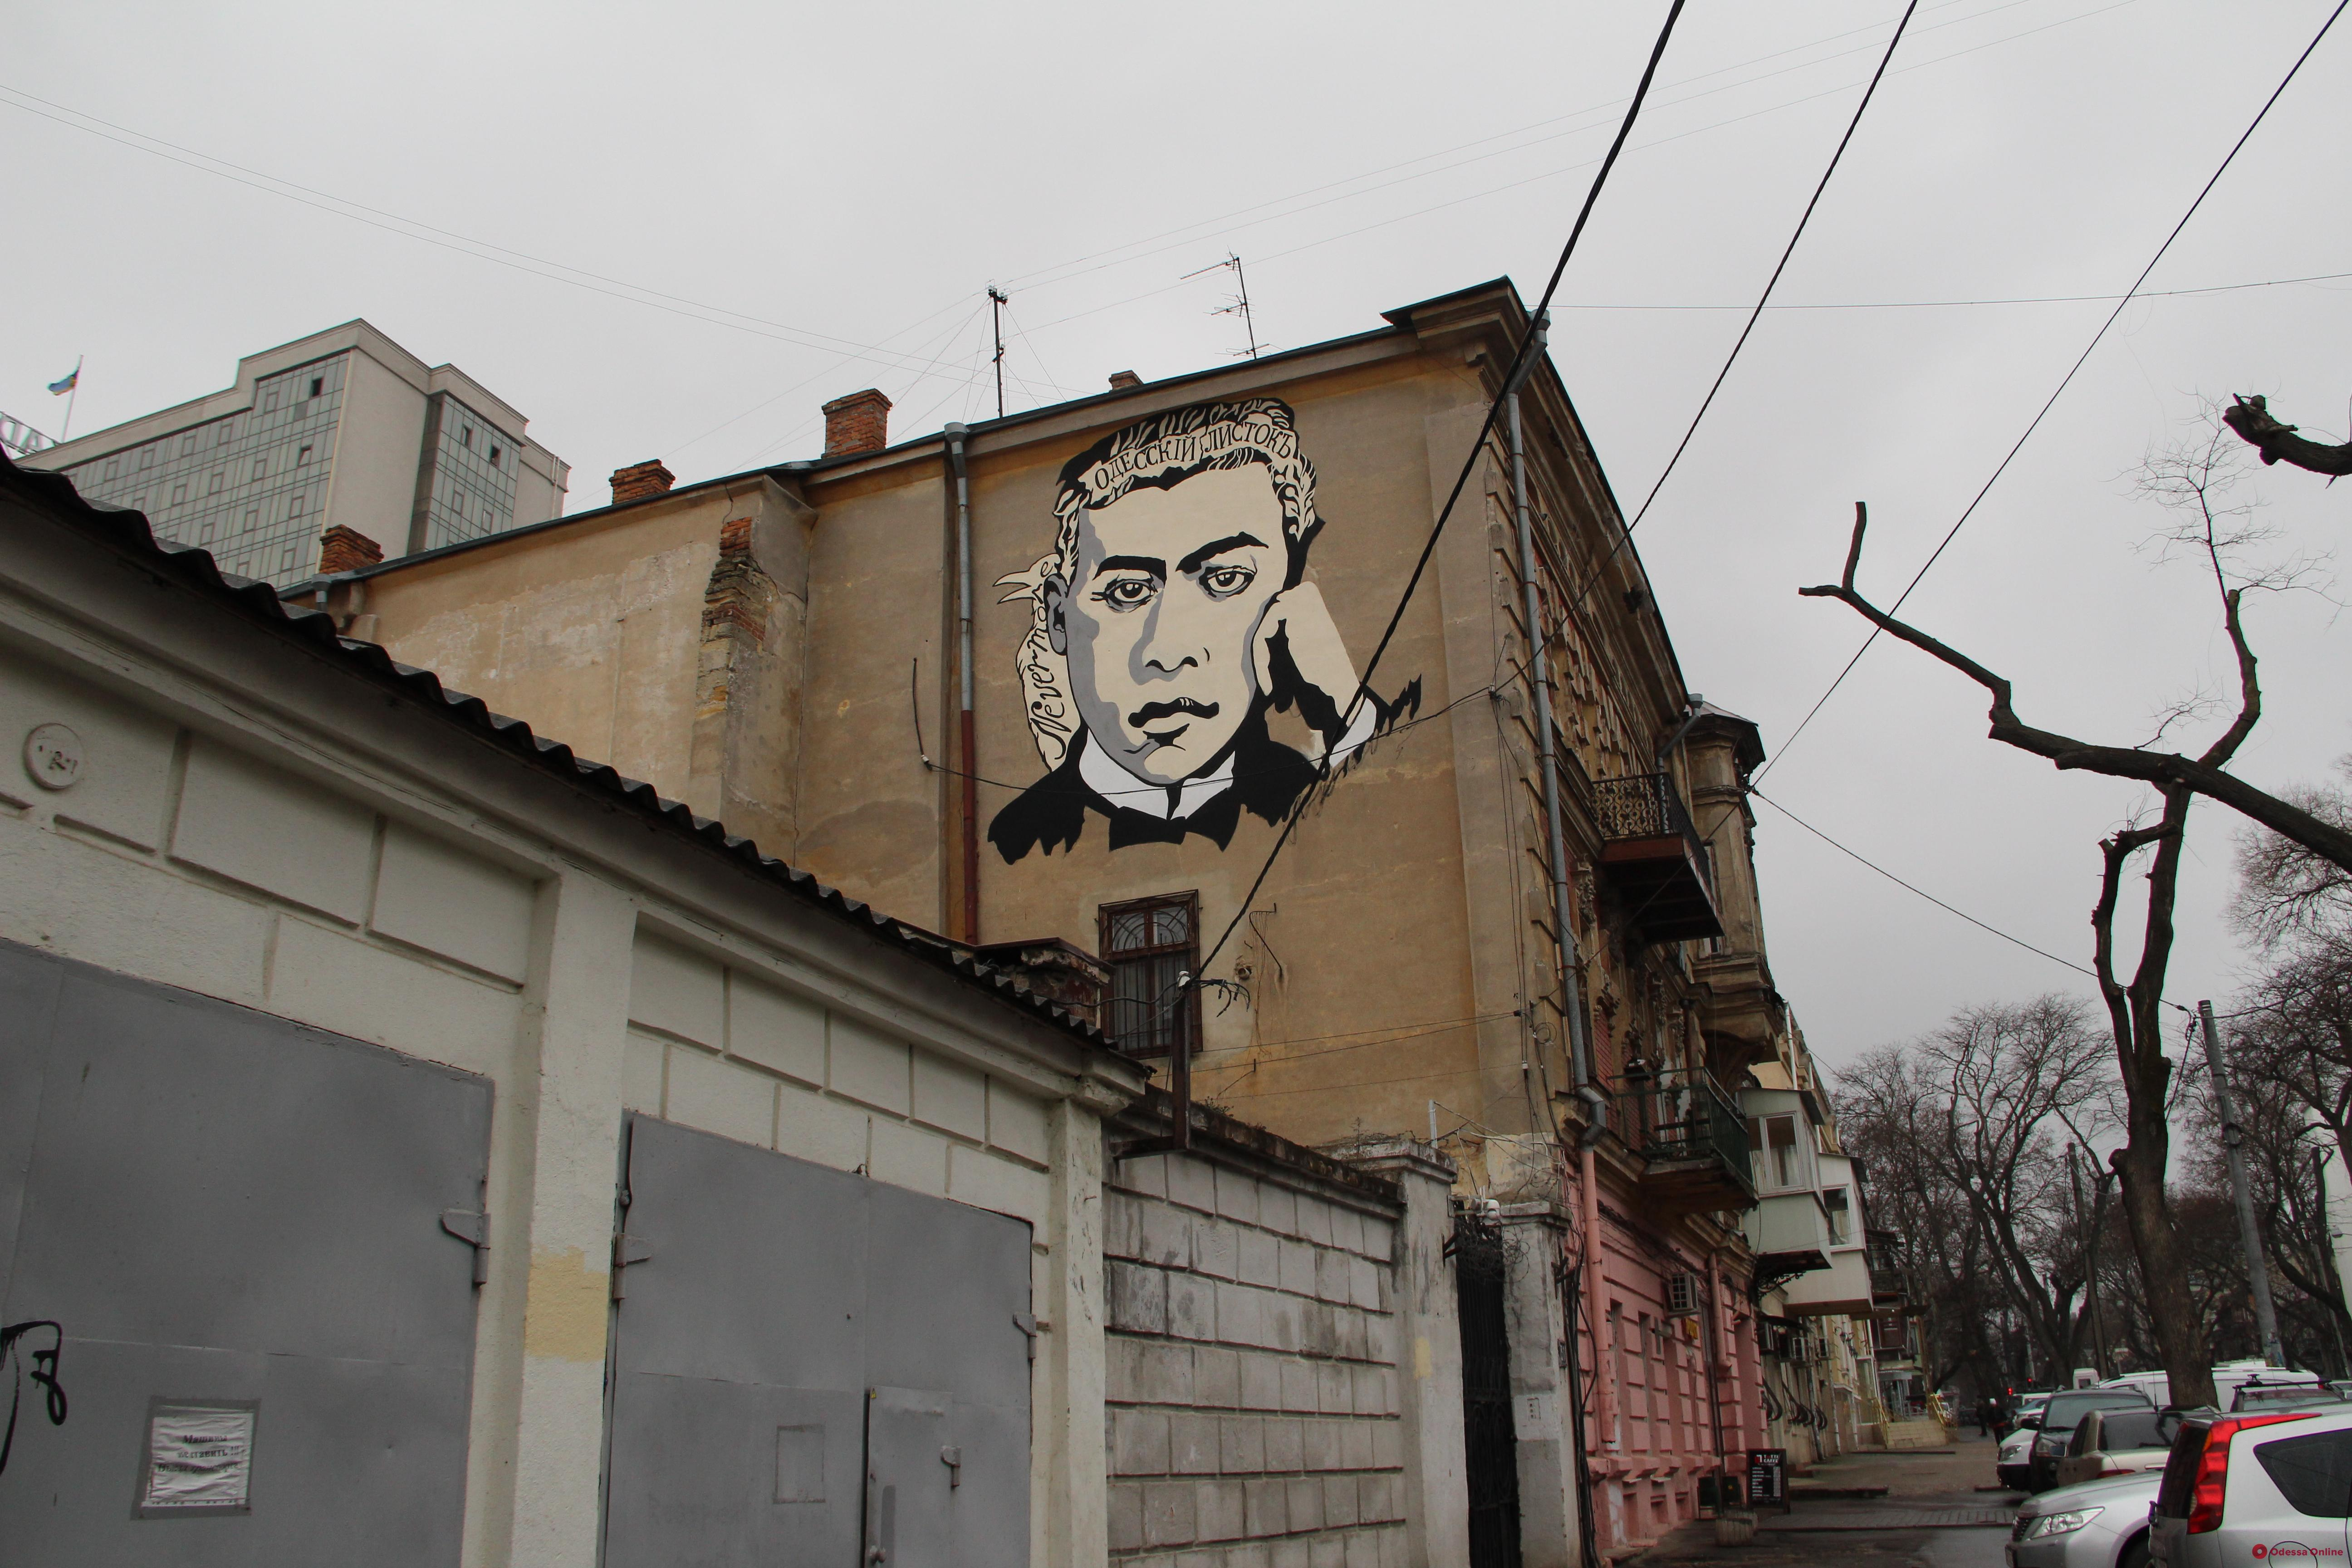 Еще один мурал: в центре Одессы рисуют огромный портрет Владимира Жаботинского (фото)